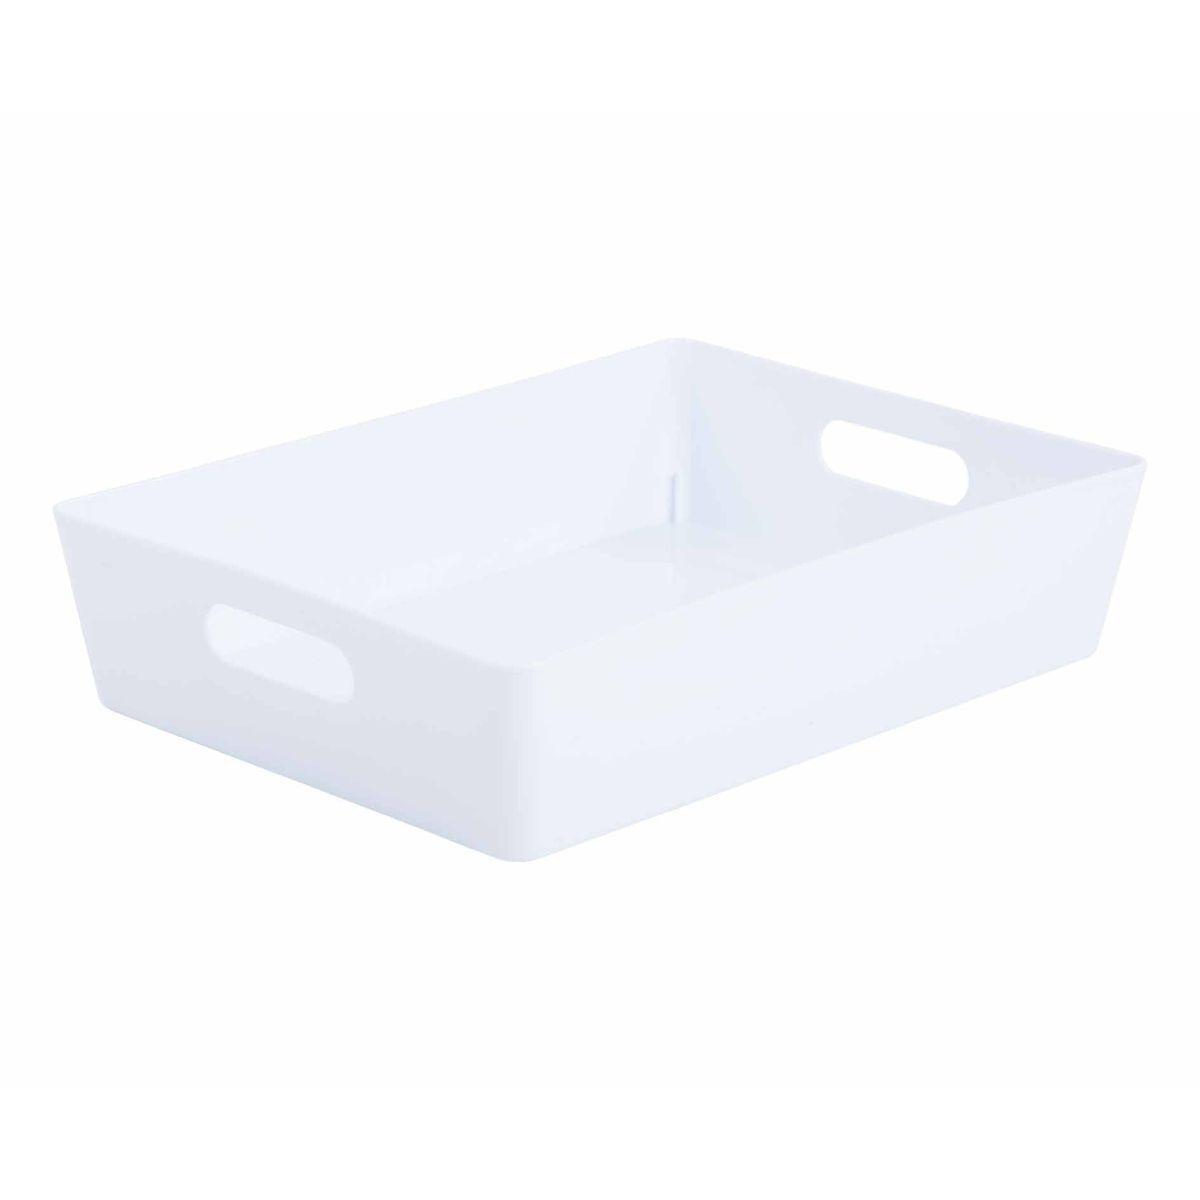 Wham Studio Basket 5.01 White